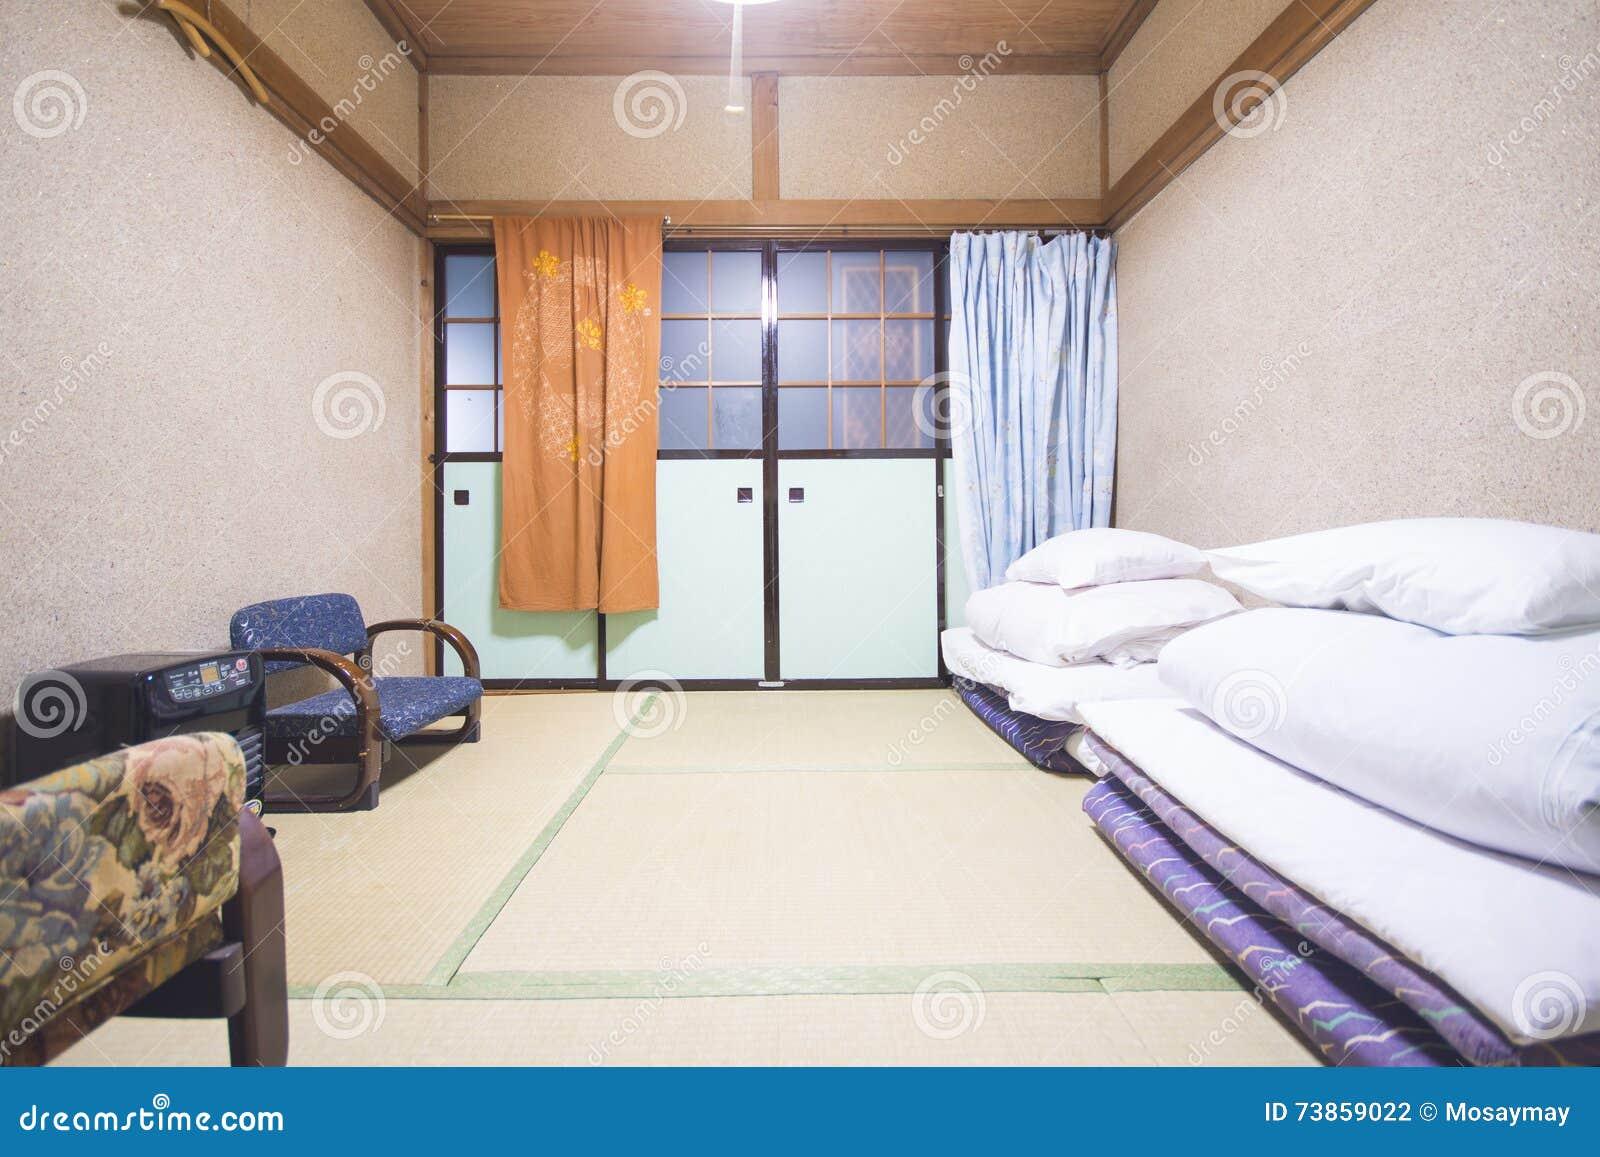 Camera Da Letto Zen Mondo Convenienza : Camera da letto zen. amazing camera da letto zen camere da letto zen